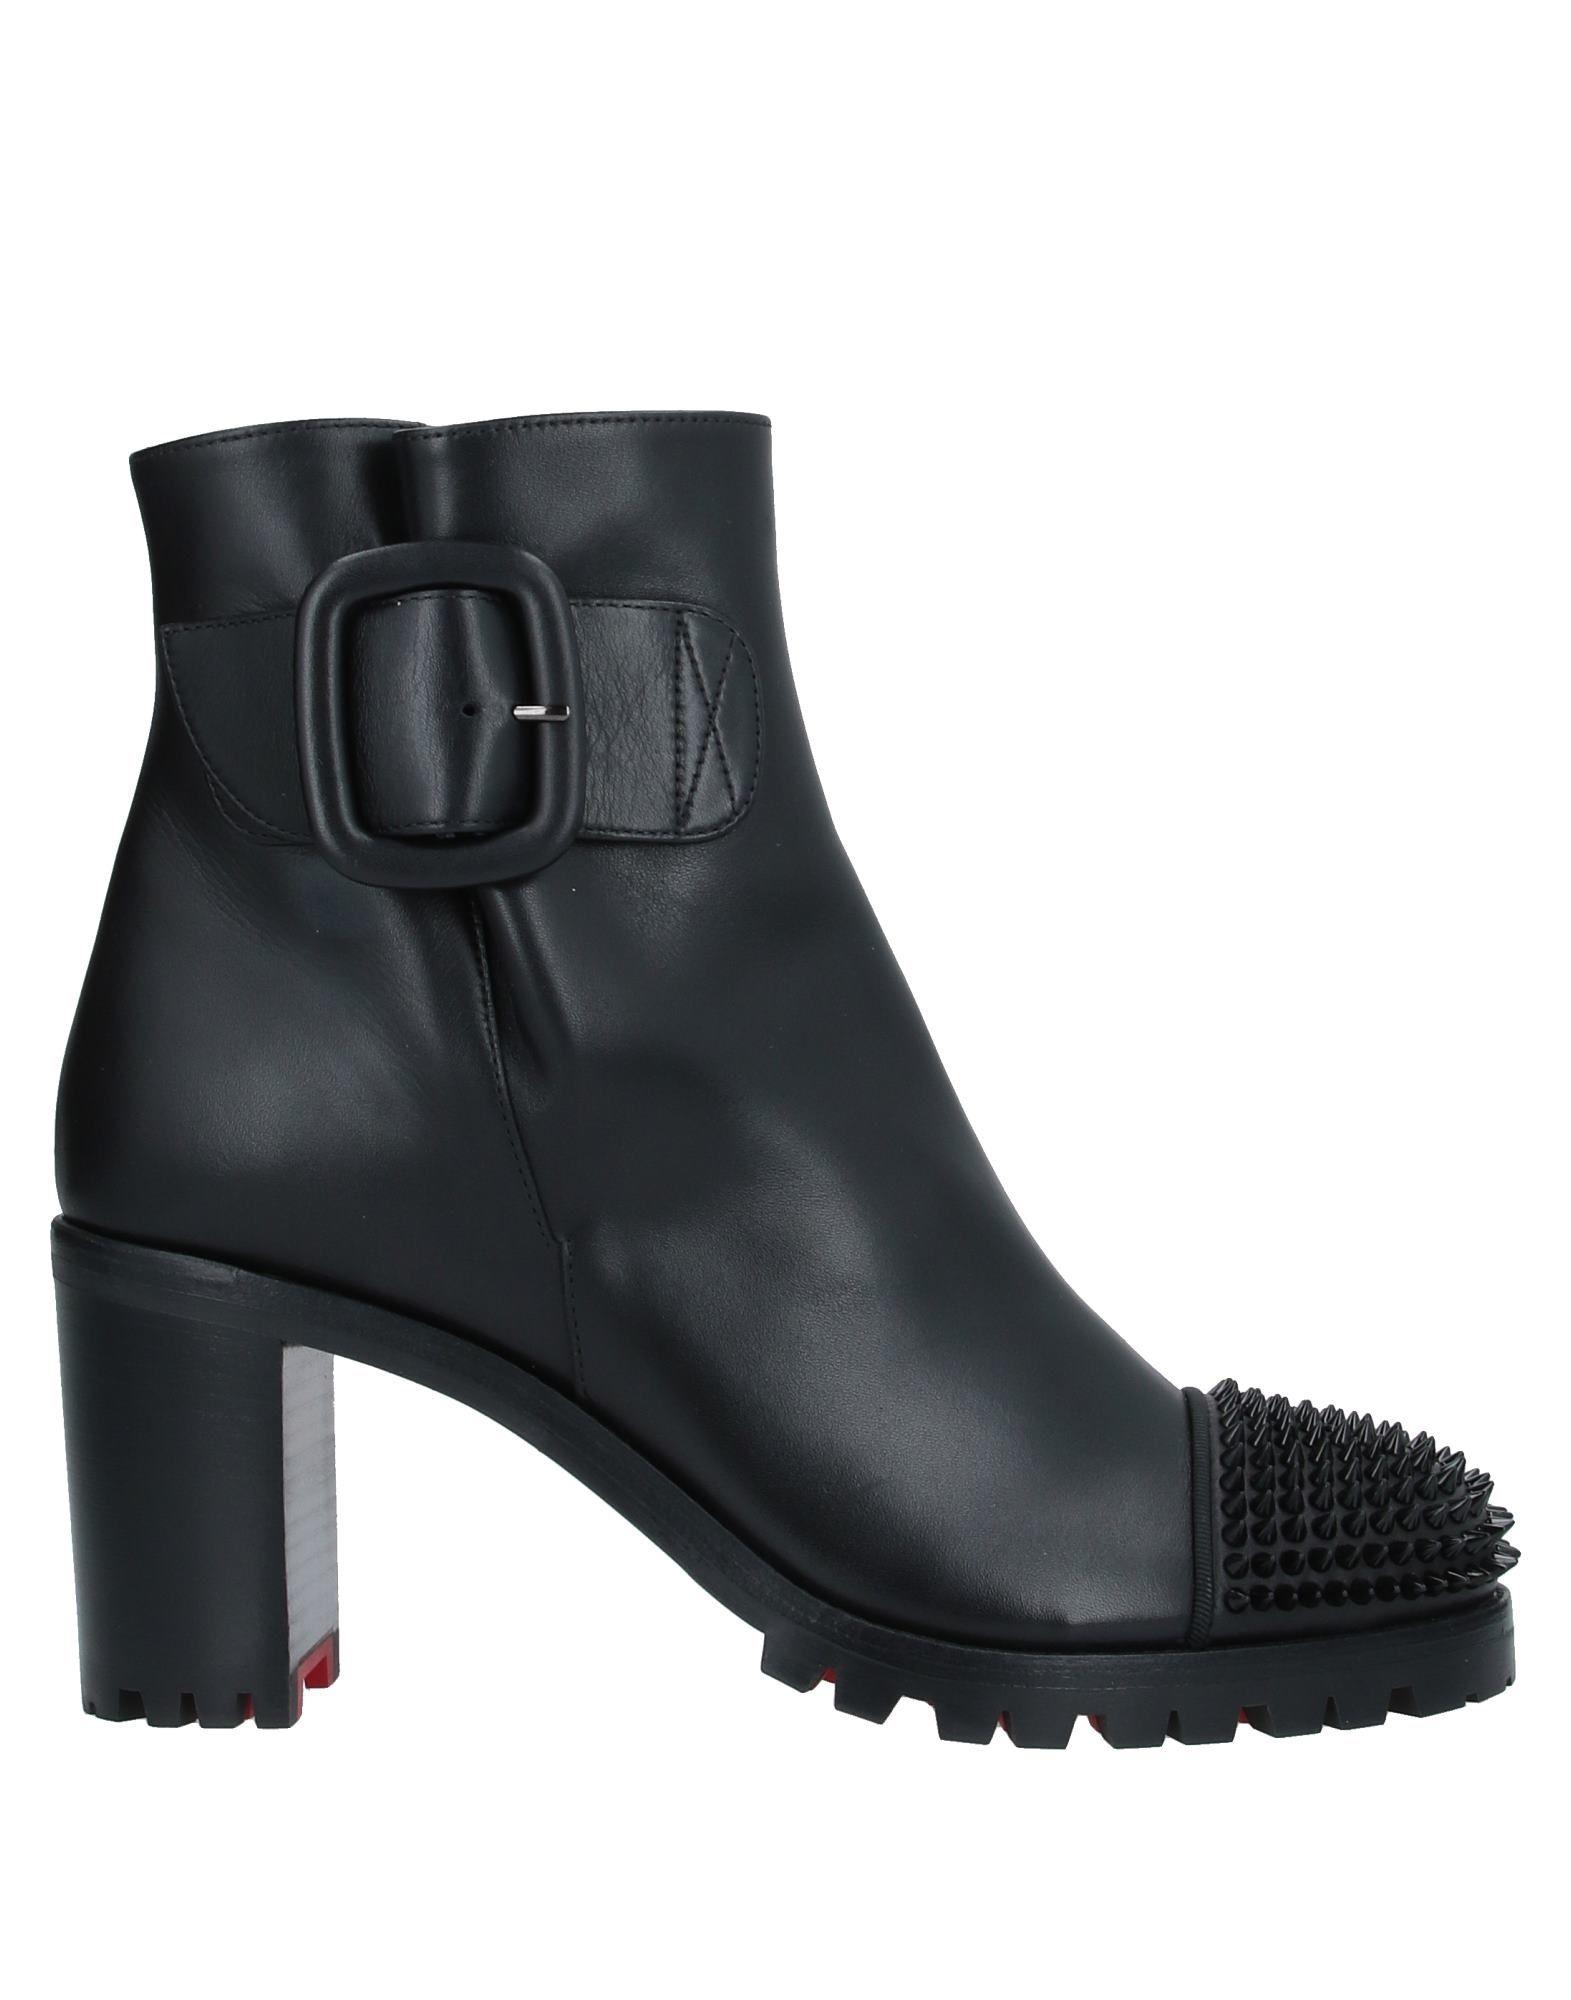 CHRISTIAN LOUBOUTIN Полусапоги и высокие ботинки туфли christian louboutin 10